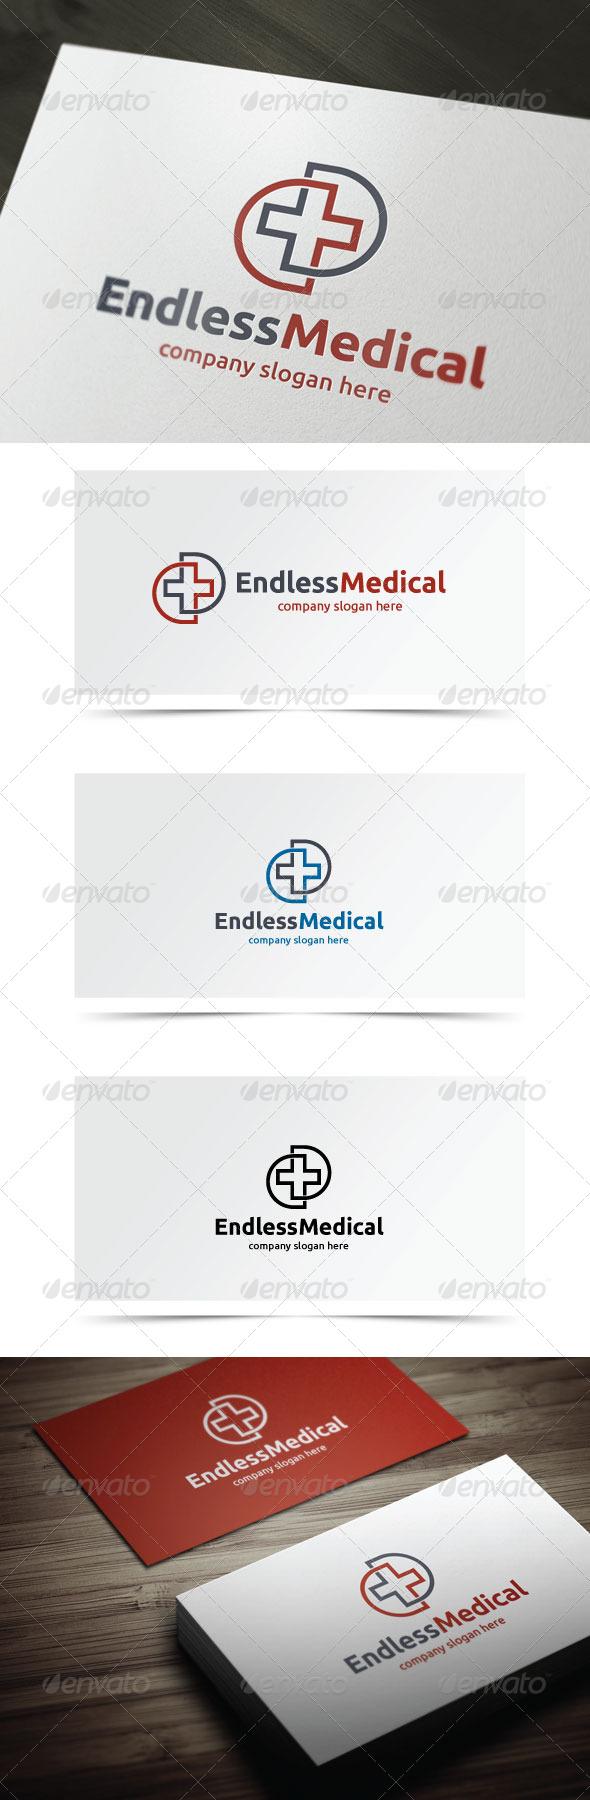 Endless Medical